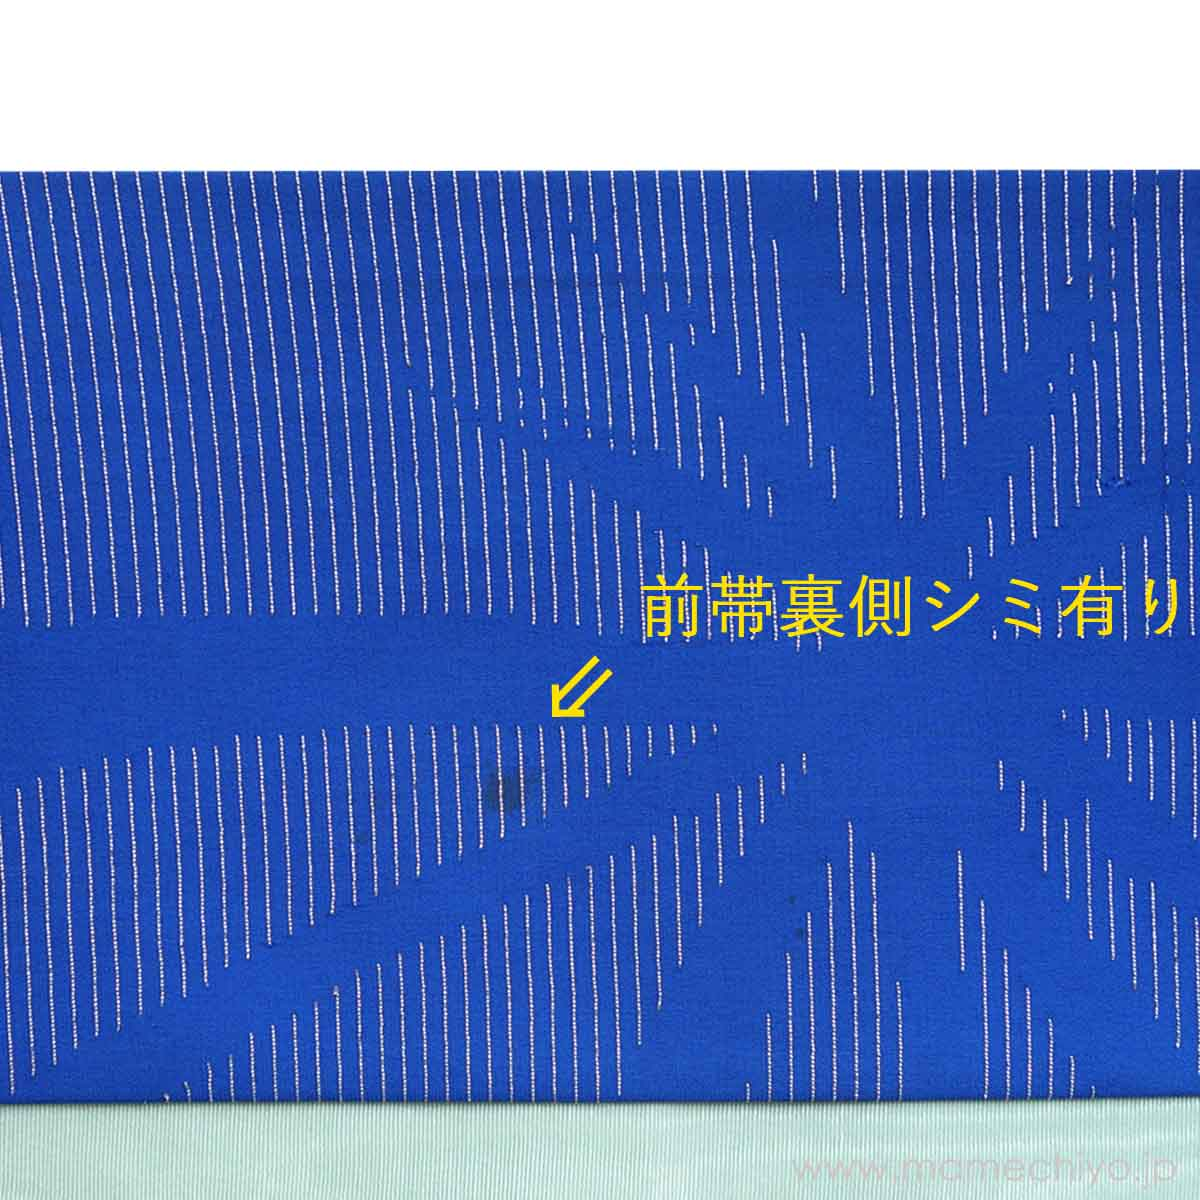 【6/24発売】名古屋帯「涼音(suzune)」(mamechiyo modern Couture)